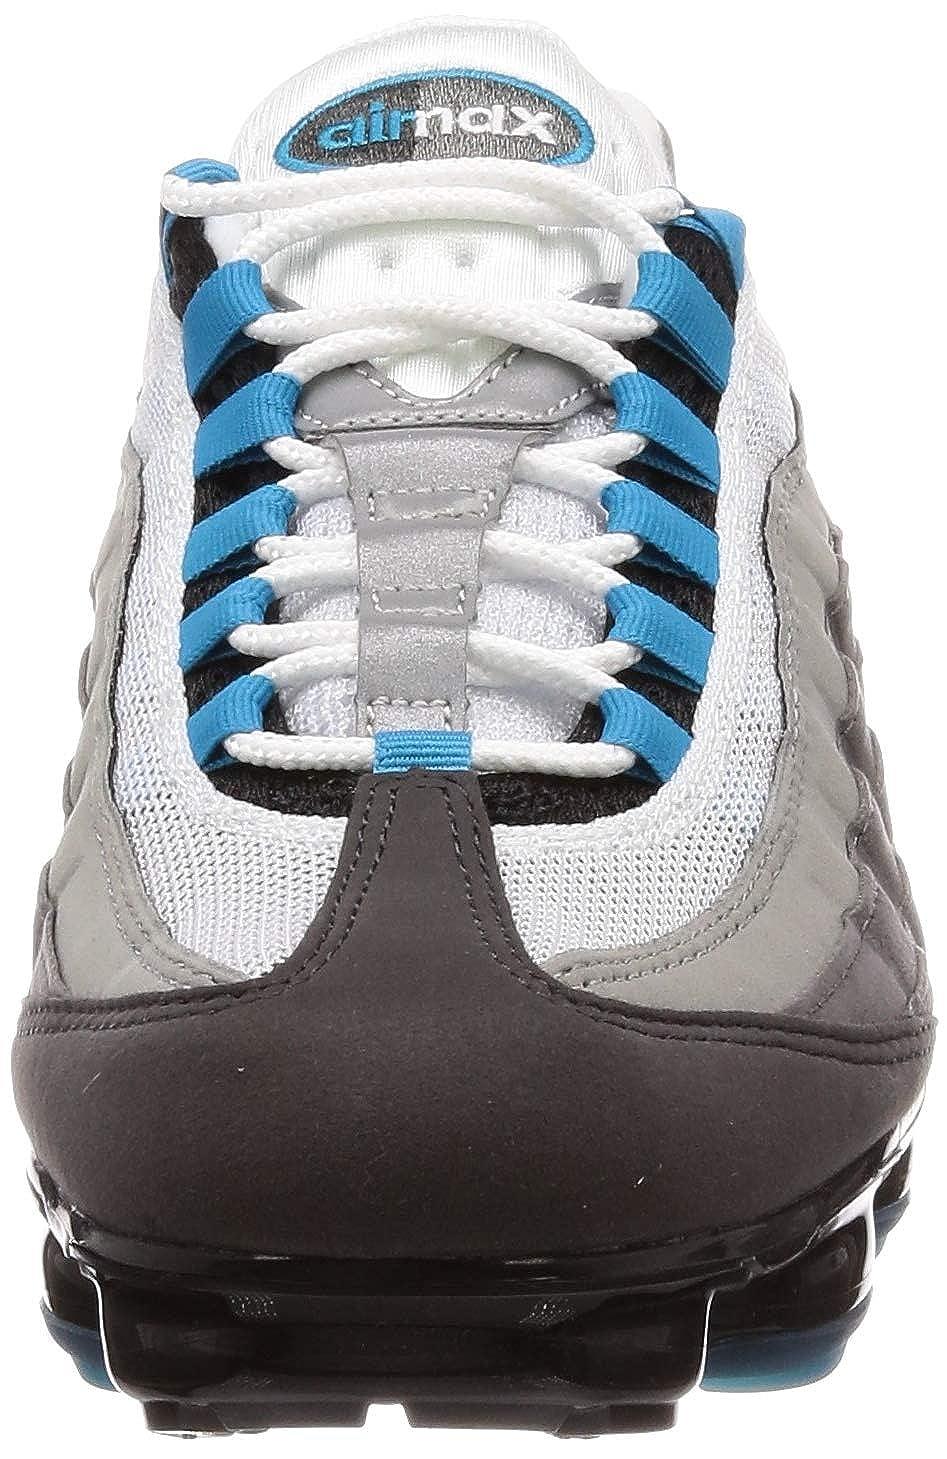 6aafa6e3b0 Amazon.com | Nike Men's Air Vapormax Running Shoes | Shoes